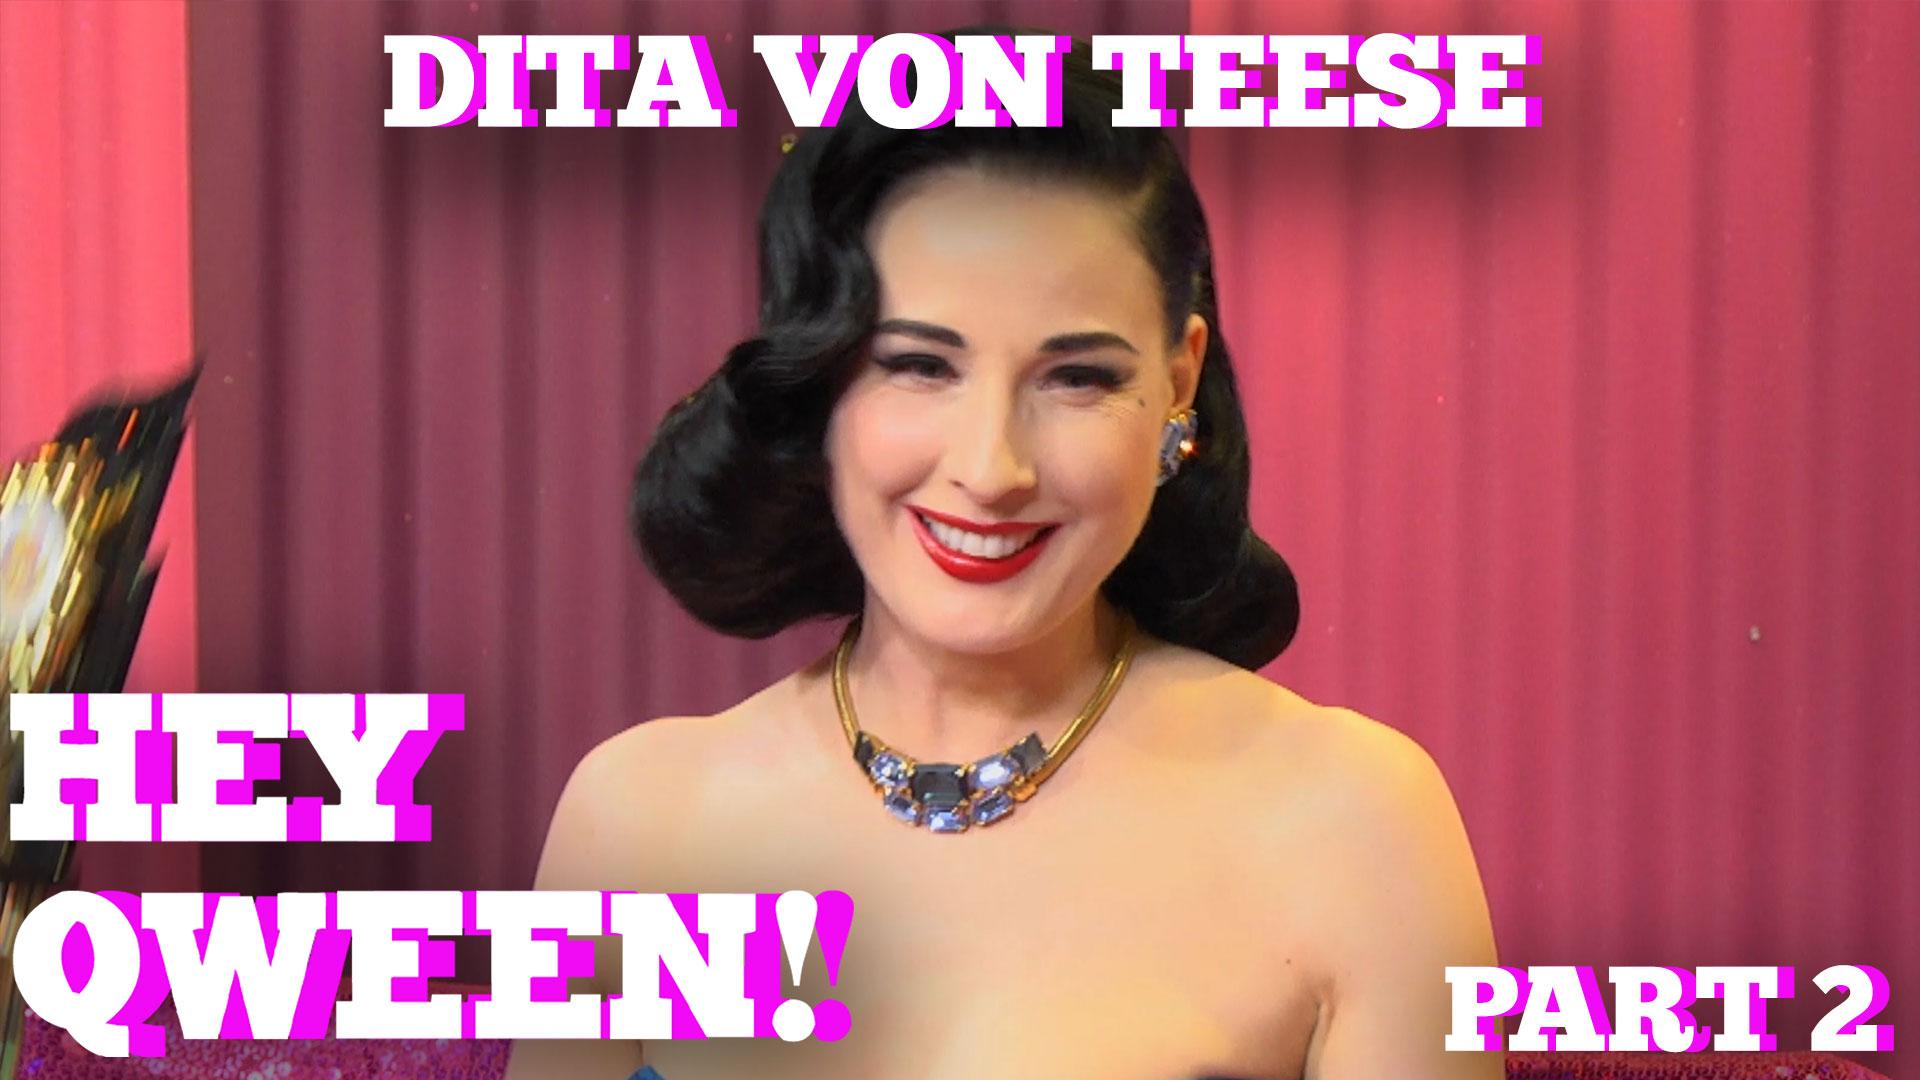 DITA VON TEESE on HEY QWEEN! Part 2